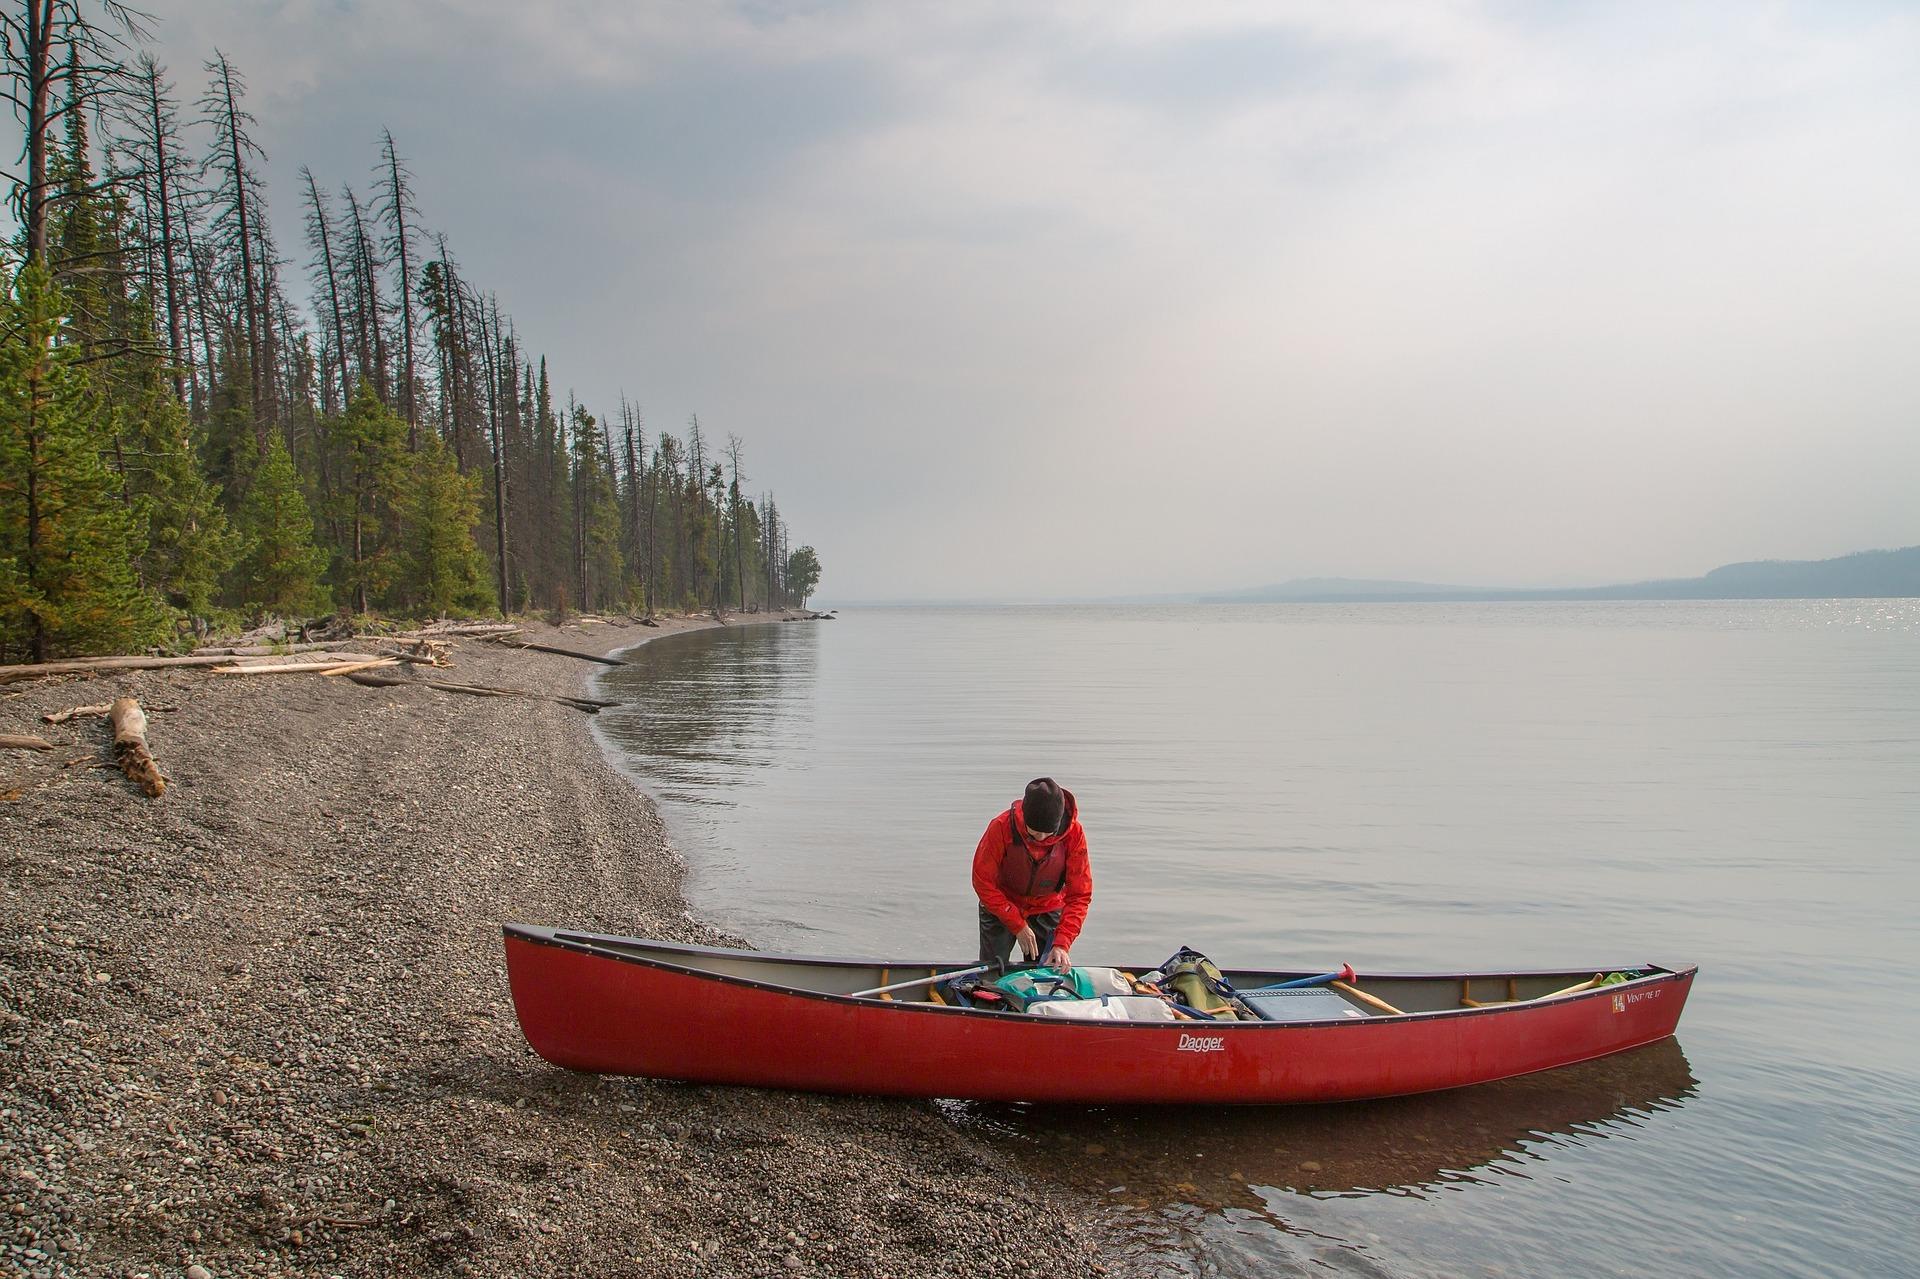 canoeist-1405977_1920